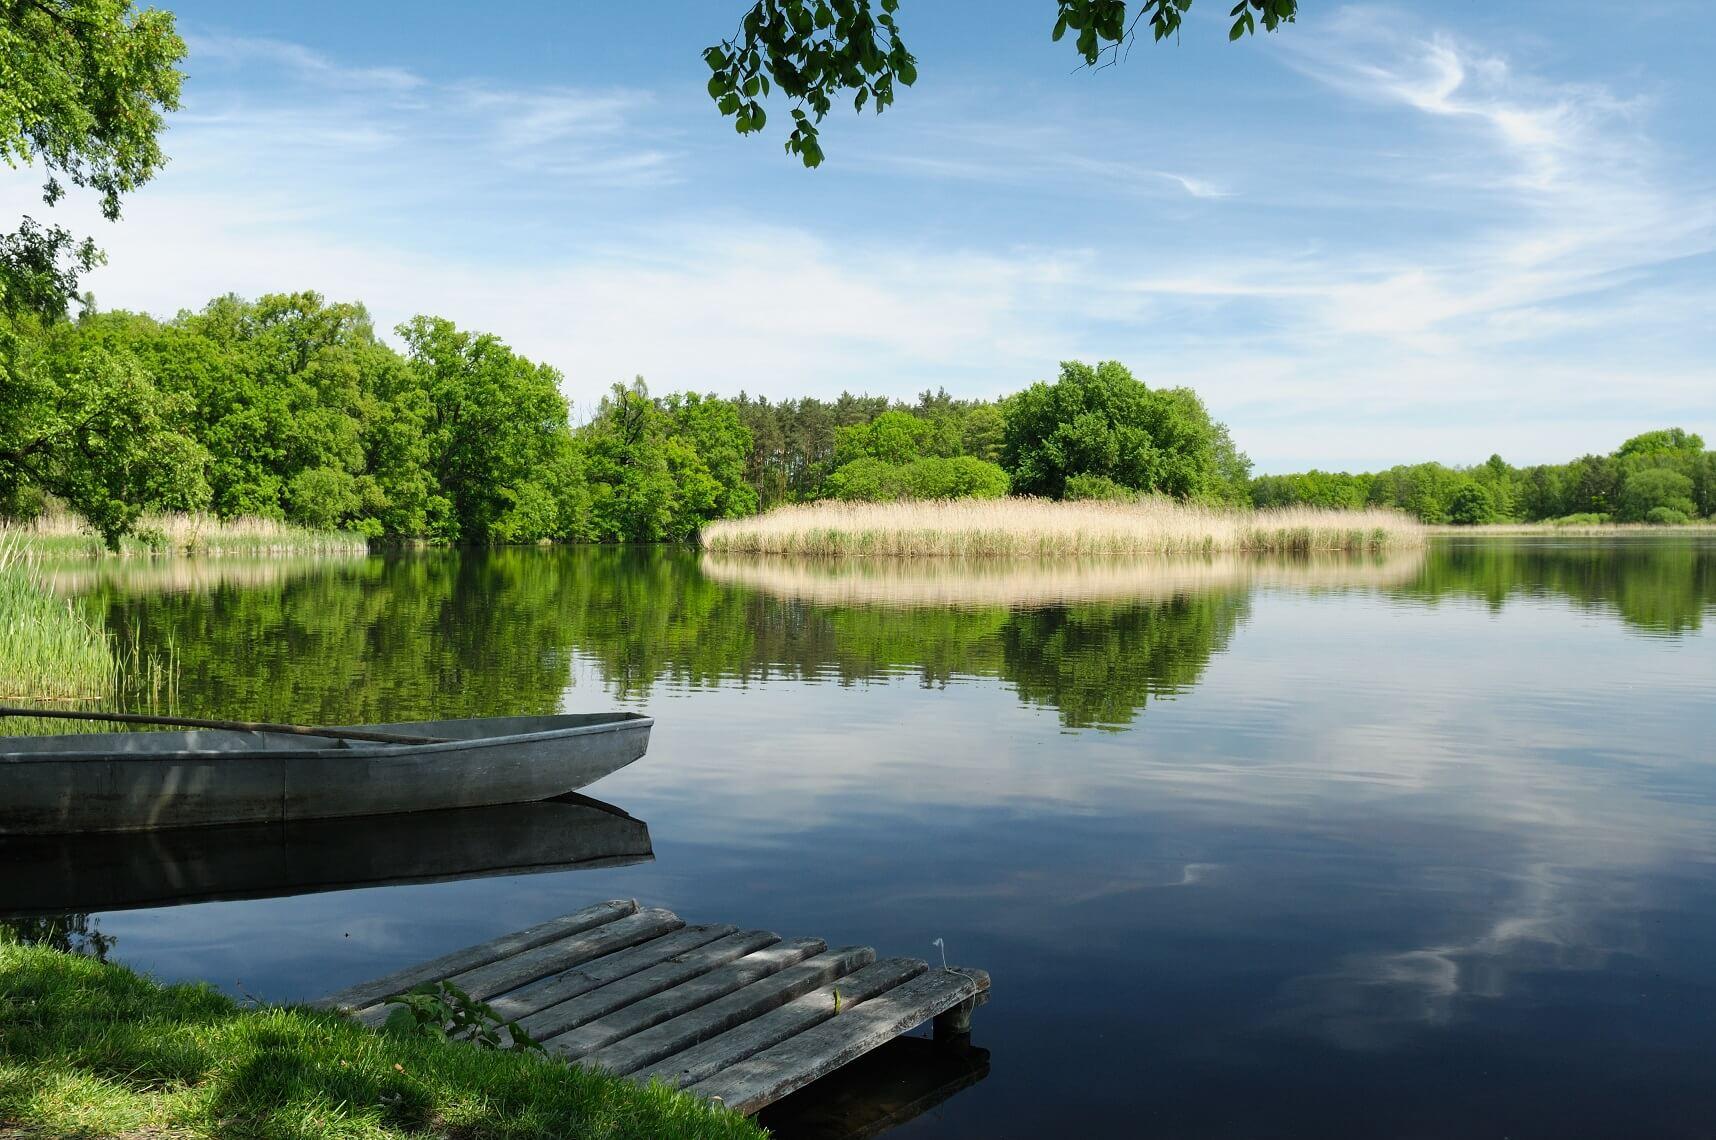 Domki letniskowe nad jeziorem - gdzie znaleźć najlepsze?